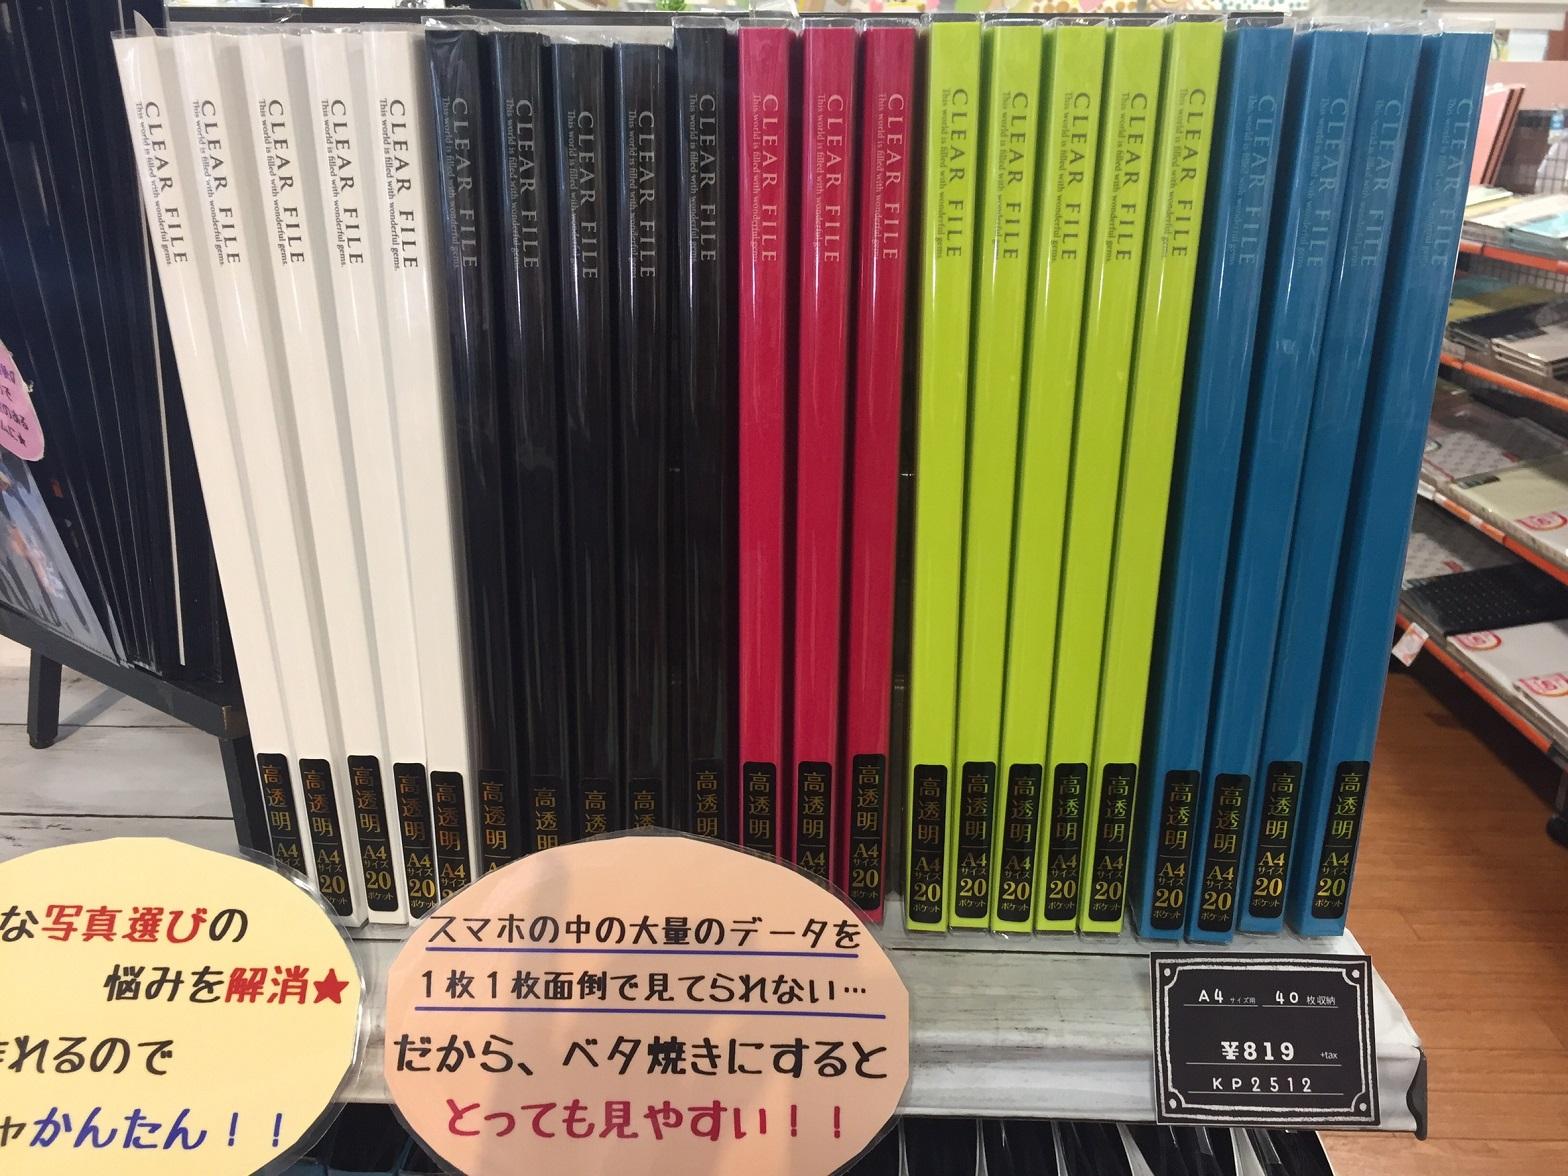 ベタ焼きプリント A4サイズ 18コマ【オート先生ピックアップ付】